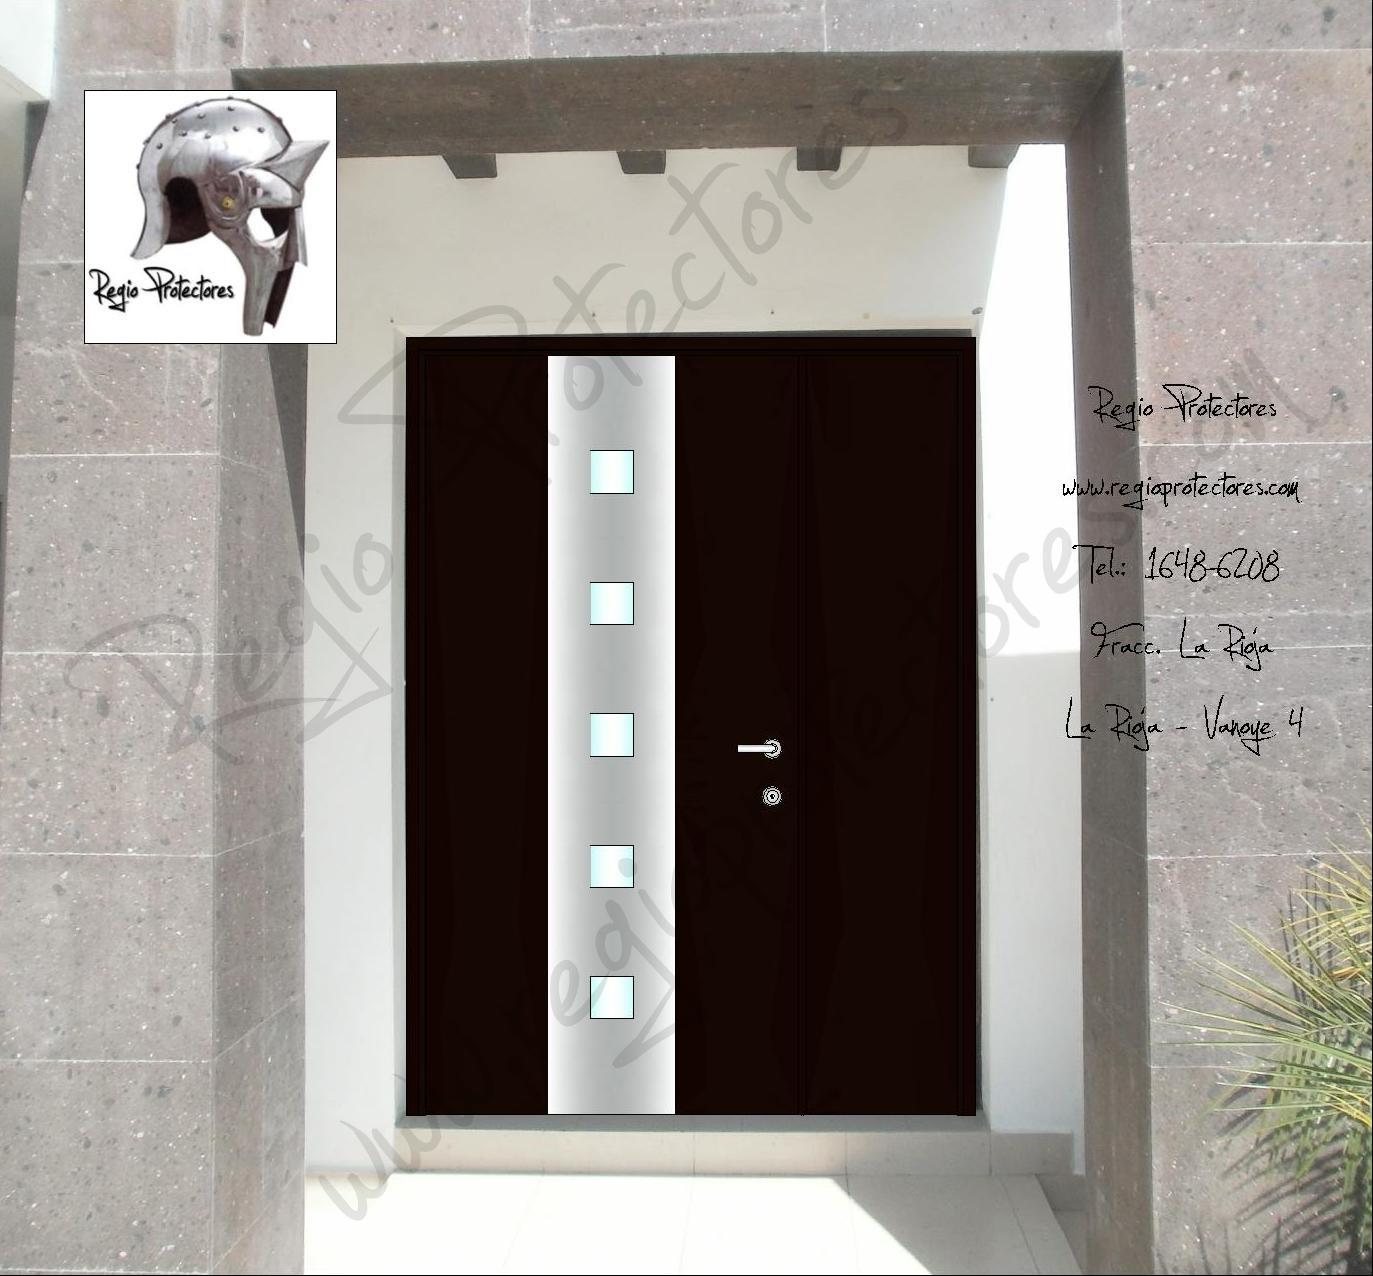 Imagenes de puertas decoradas preescolar for Modelos de puertas principales